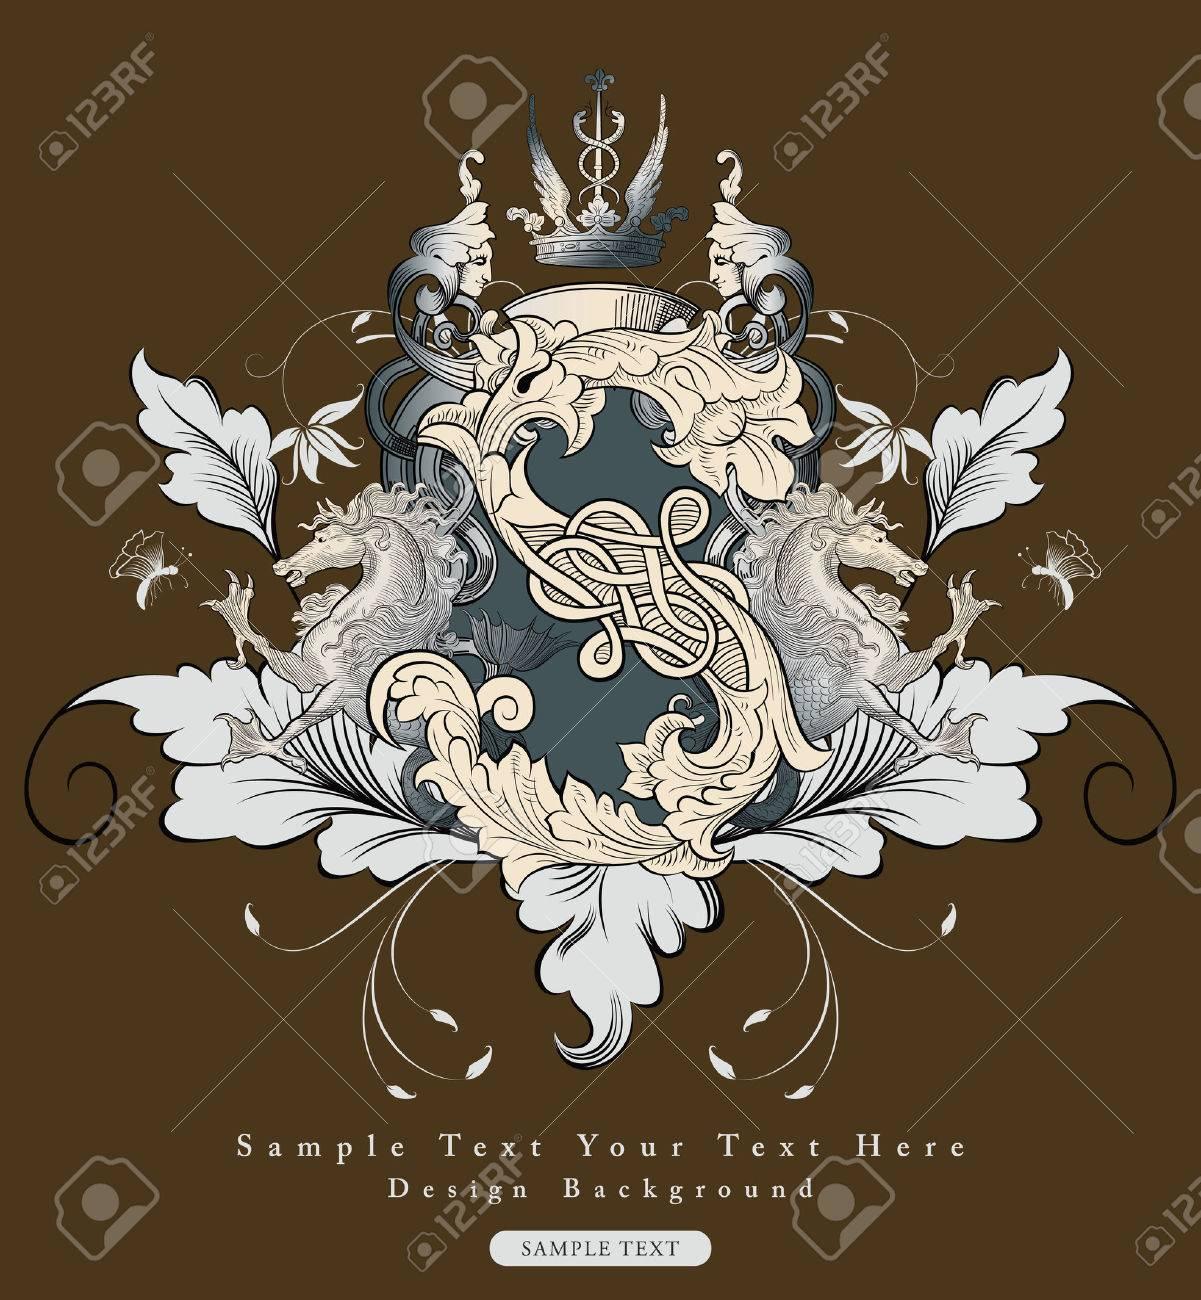 vintage floral design background Stock Vector - 3771331